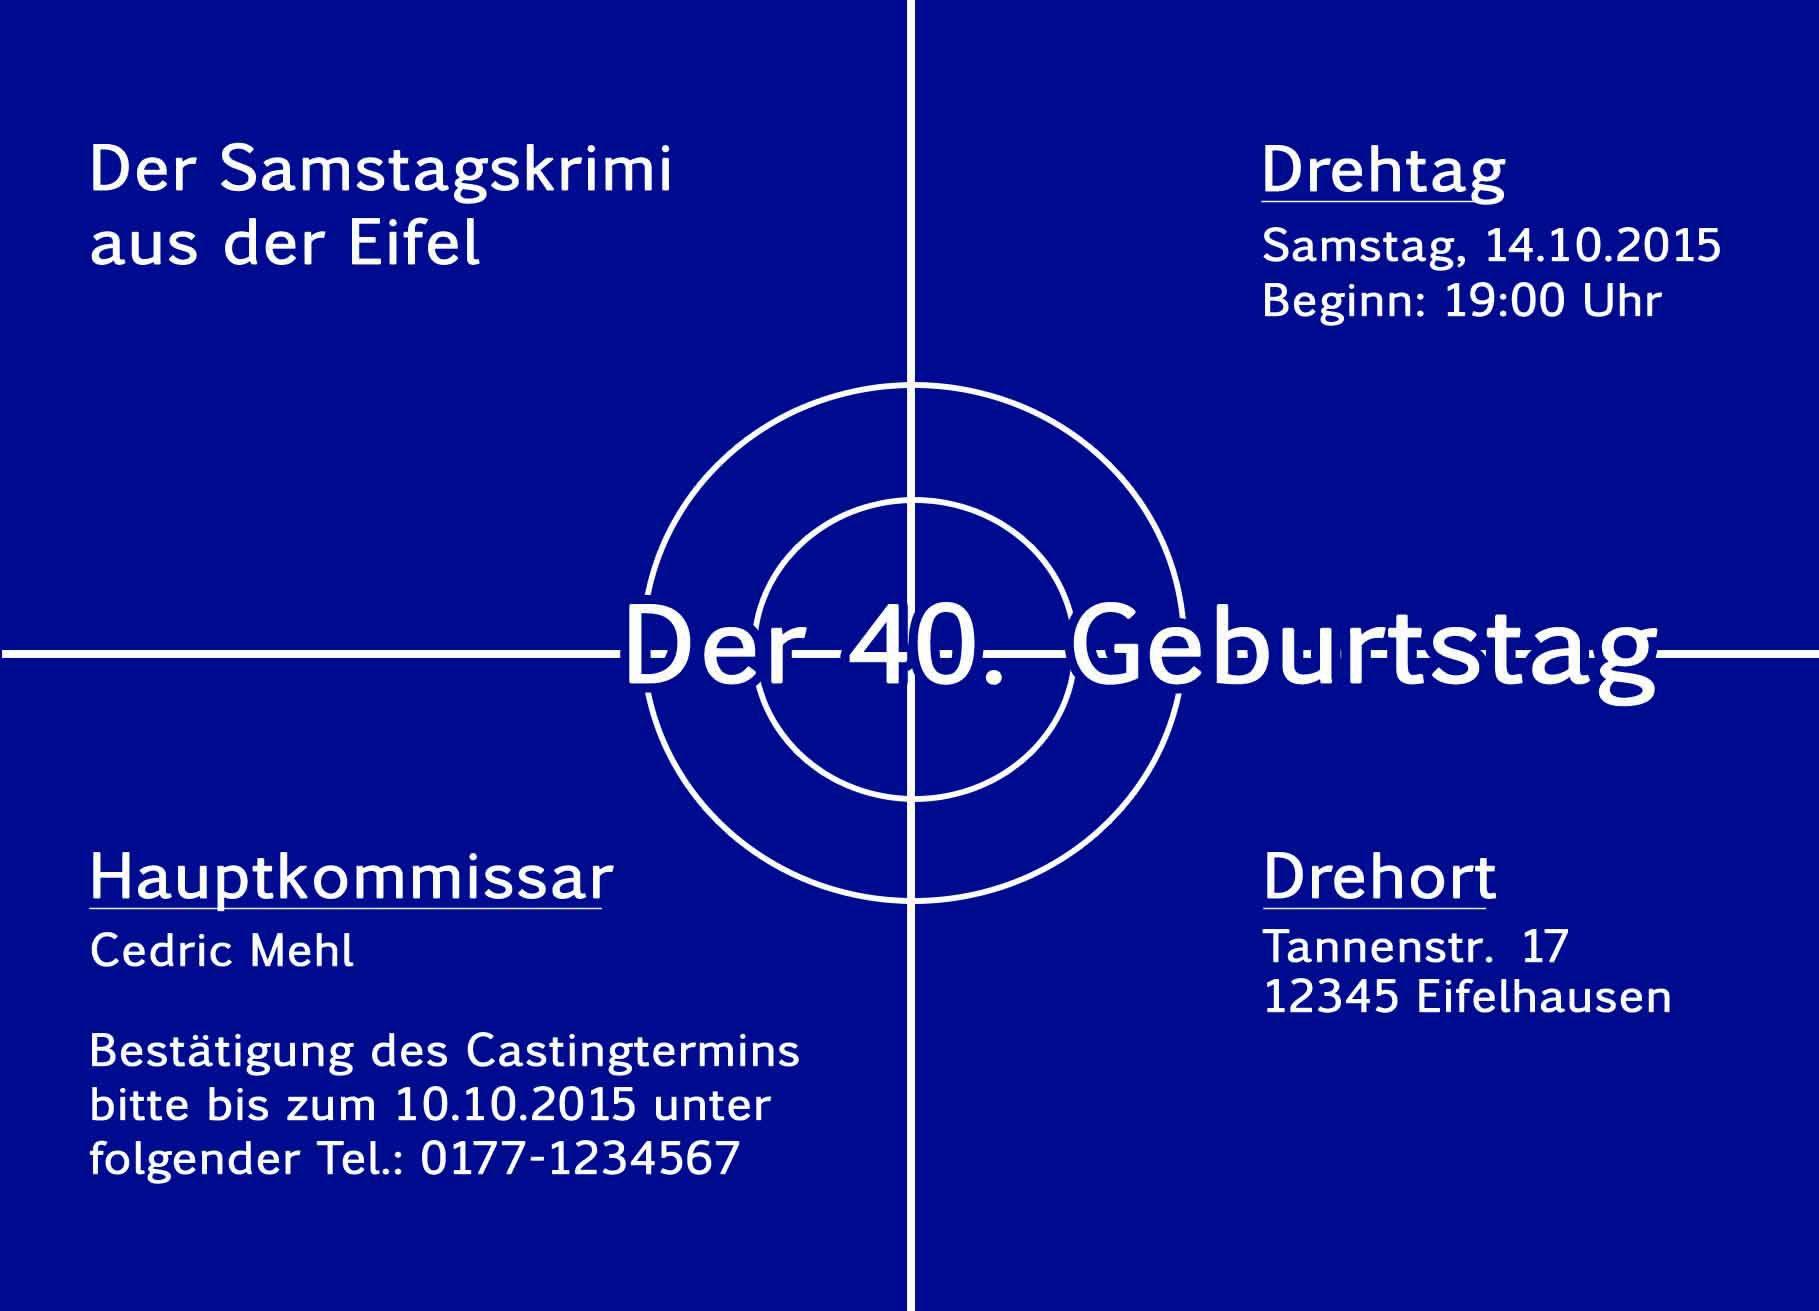 Einladung 40 Geburtstag Spruche Gute Spruche Bild